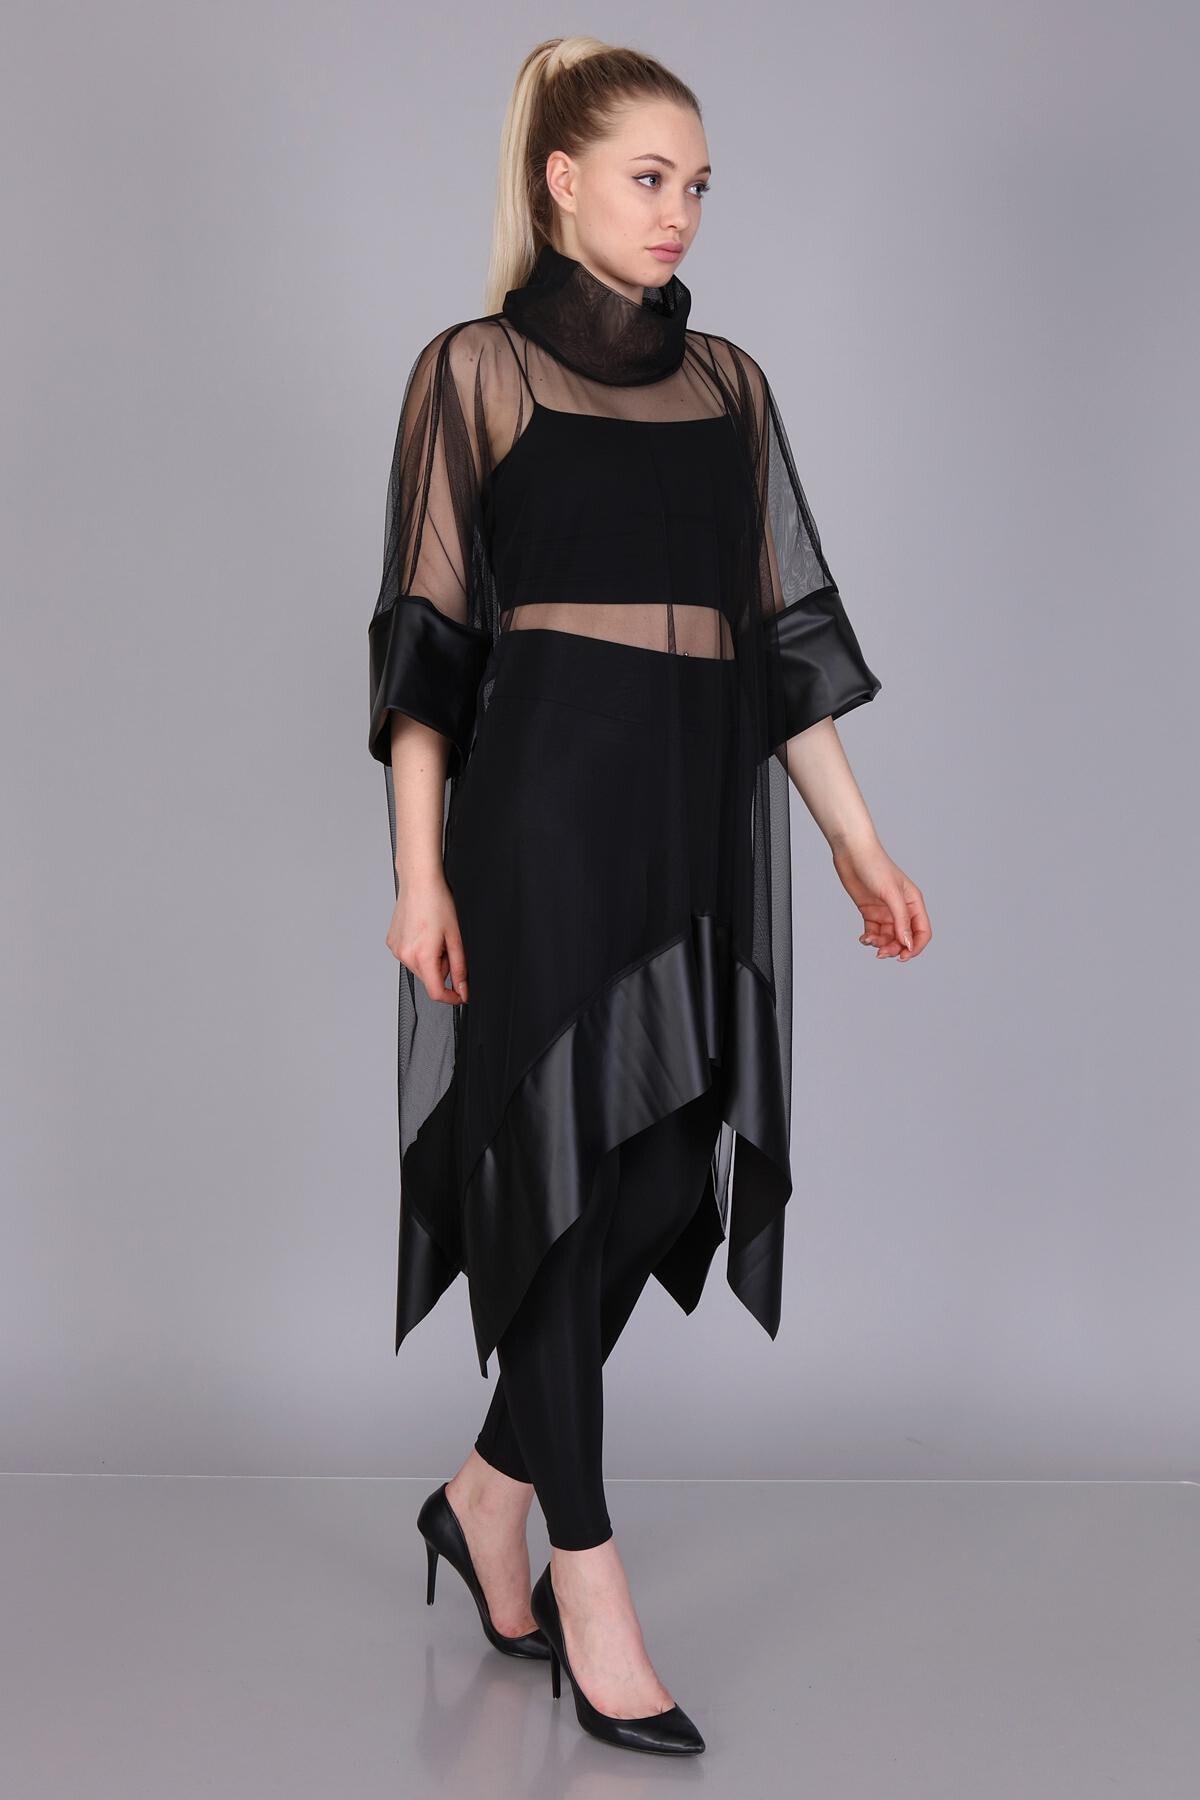 Mi&So Kadın Siyah Tül Derili Bluz M&S5101Pnç 1